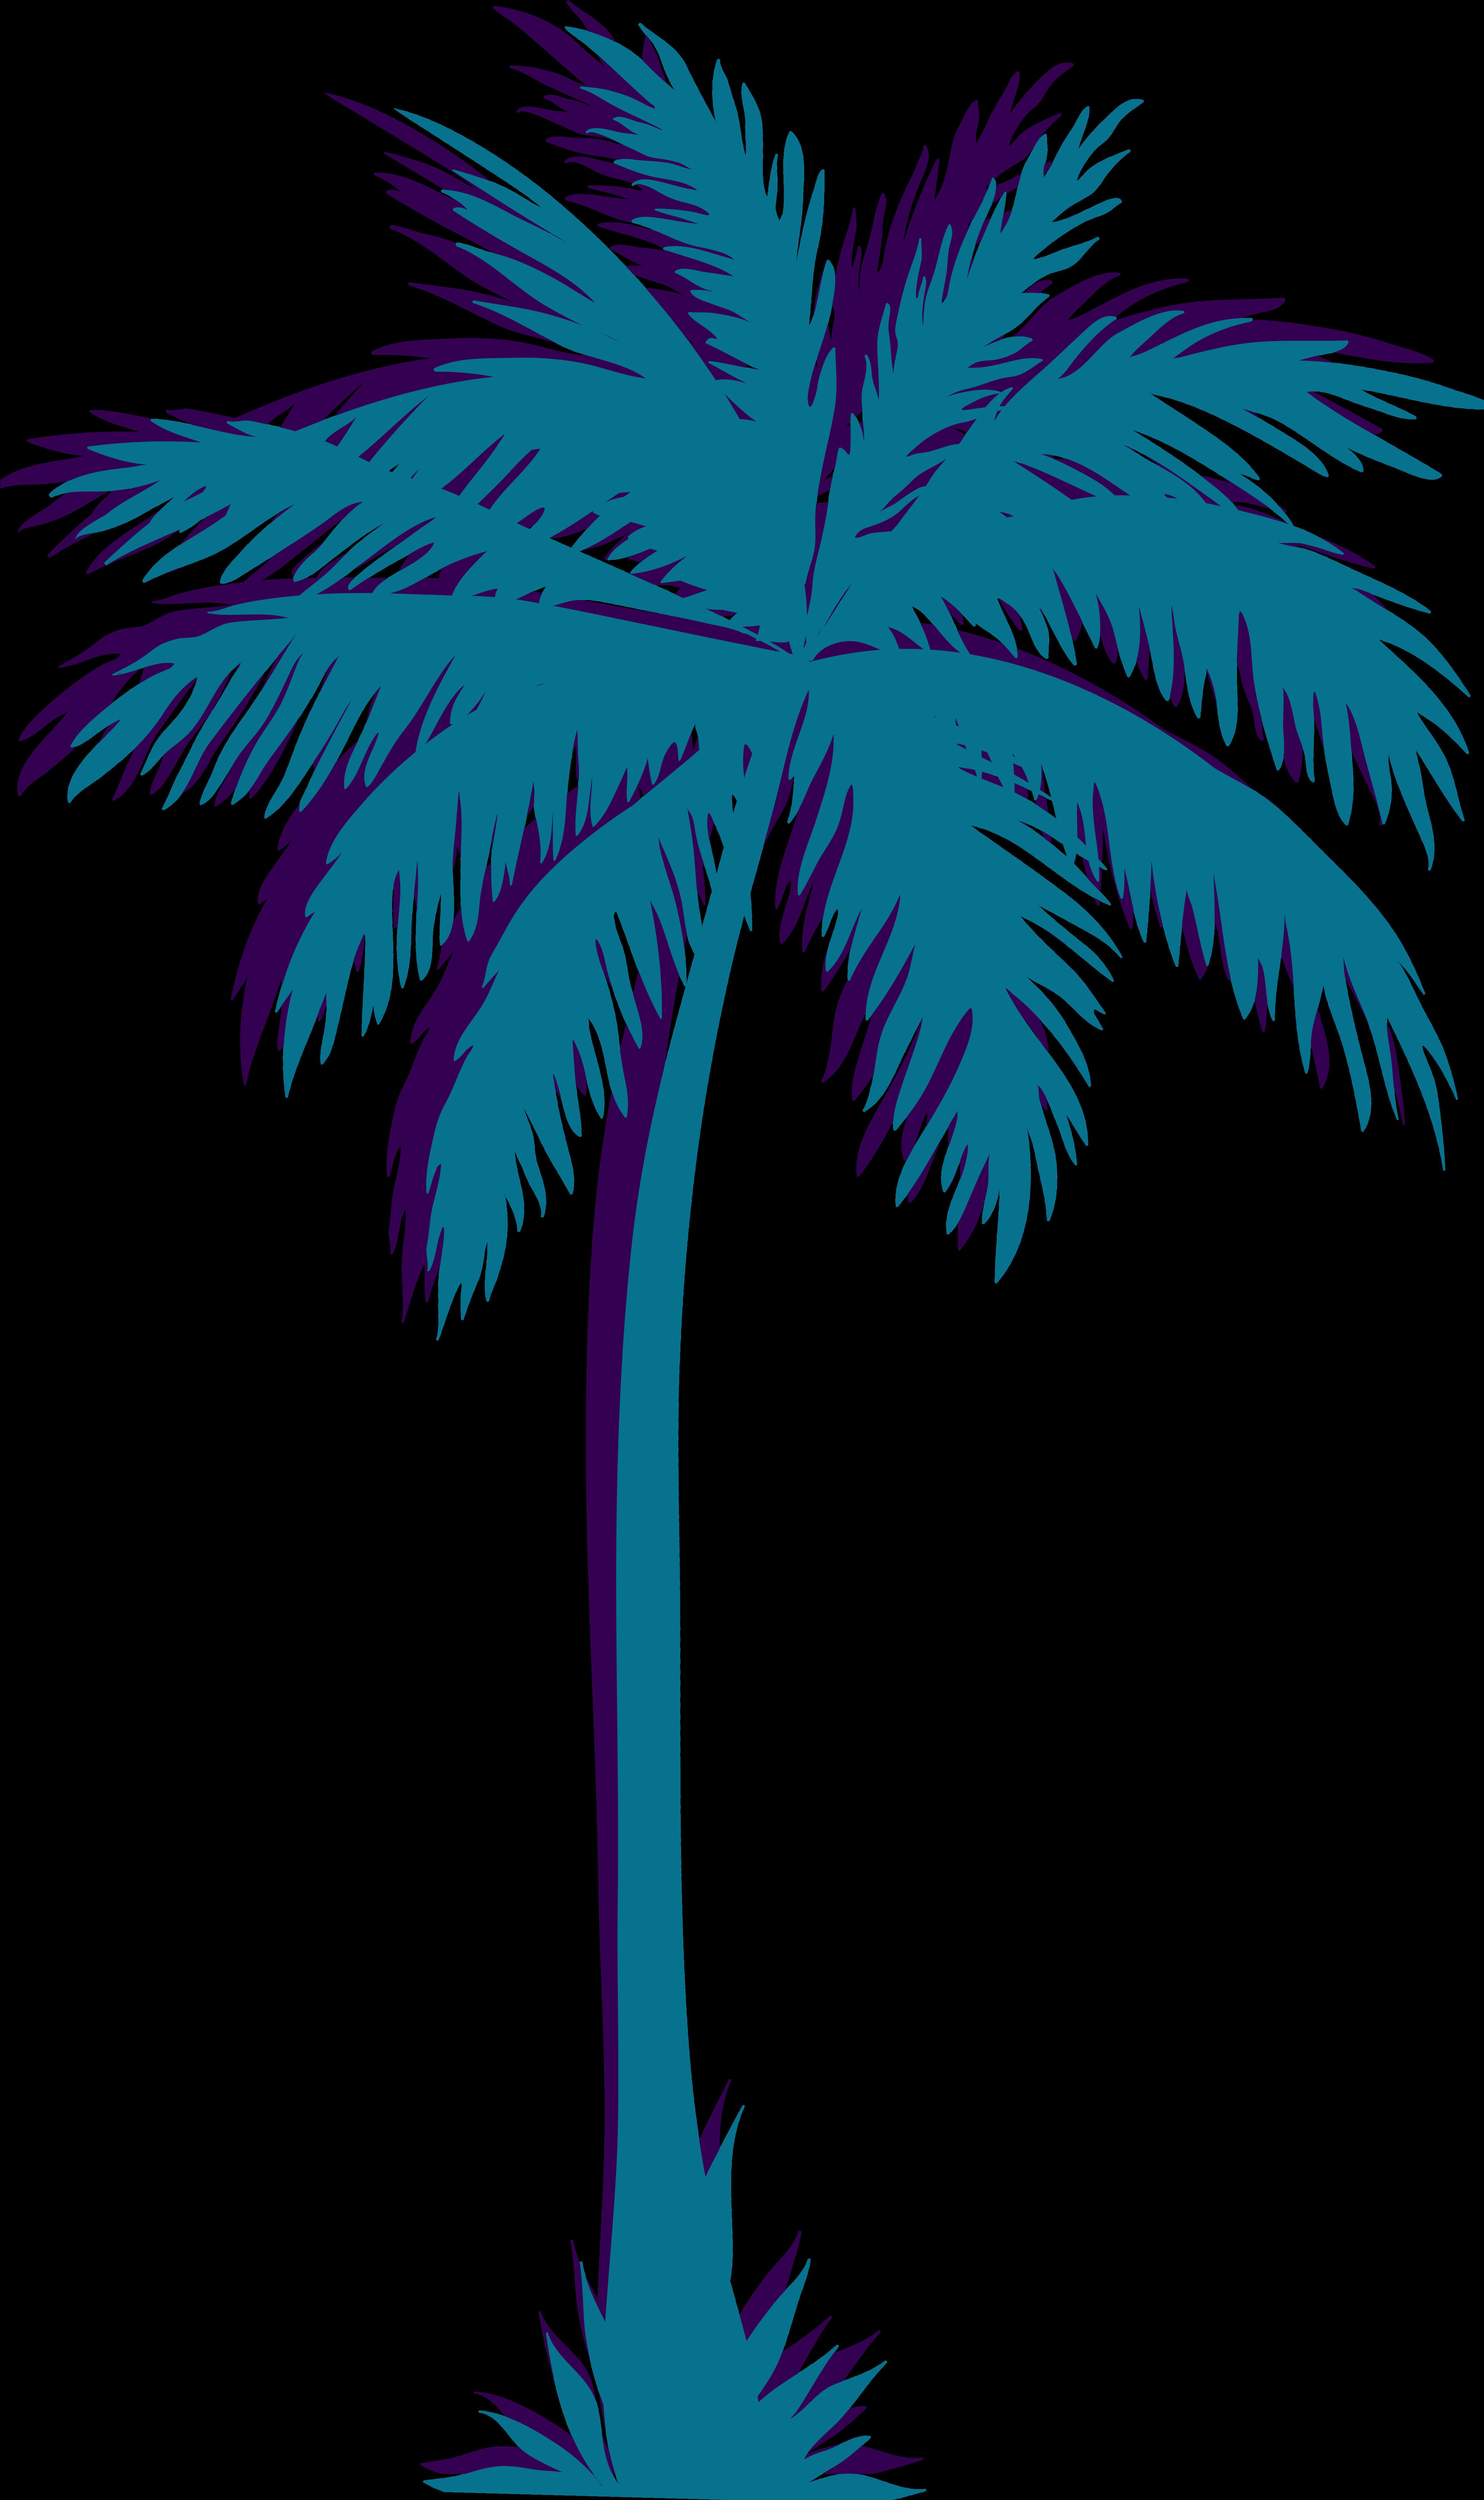 Portable Network Graphics Palm trees Vaporwave Clip art.